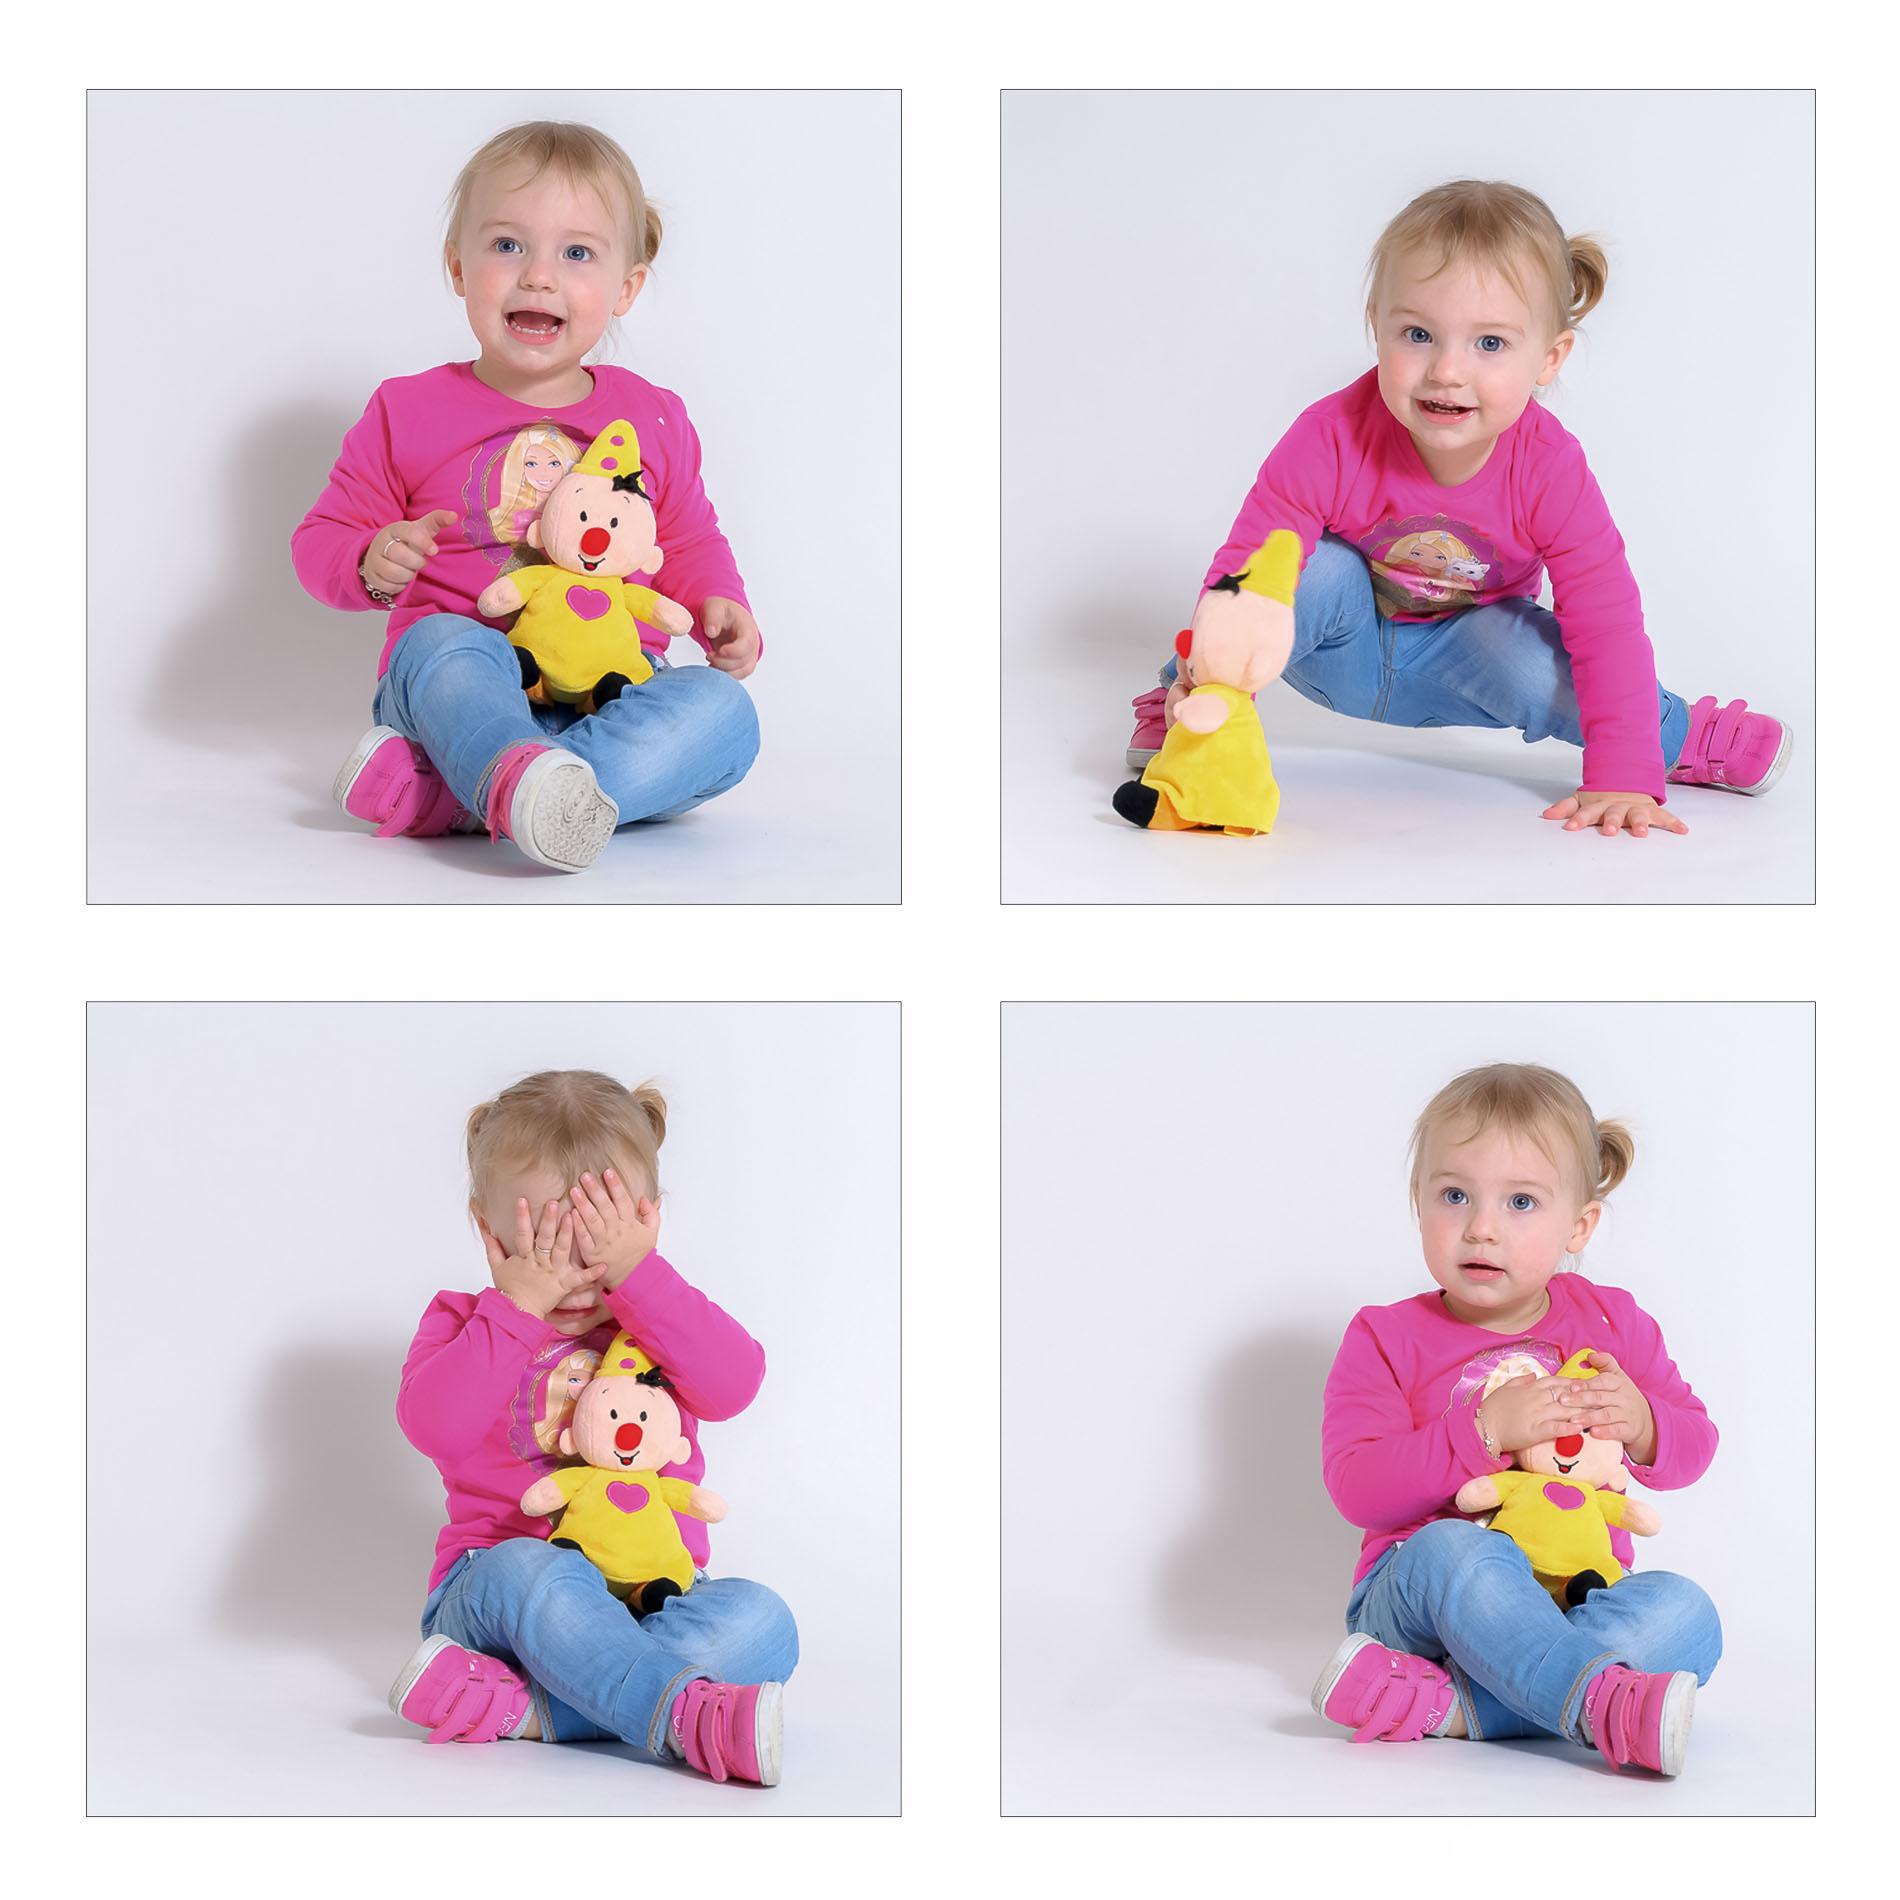 fotoshoot kinderen | Shoot Kids | Spontaan kinderportret | kinderfoto